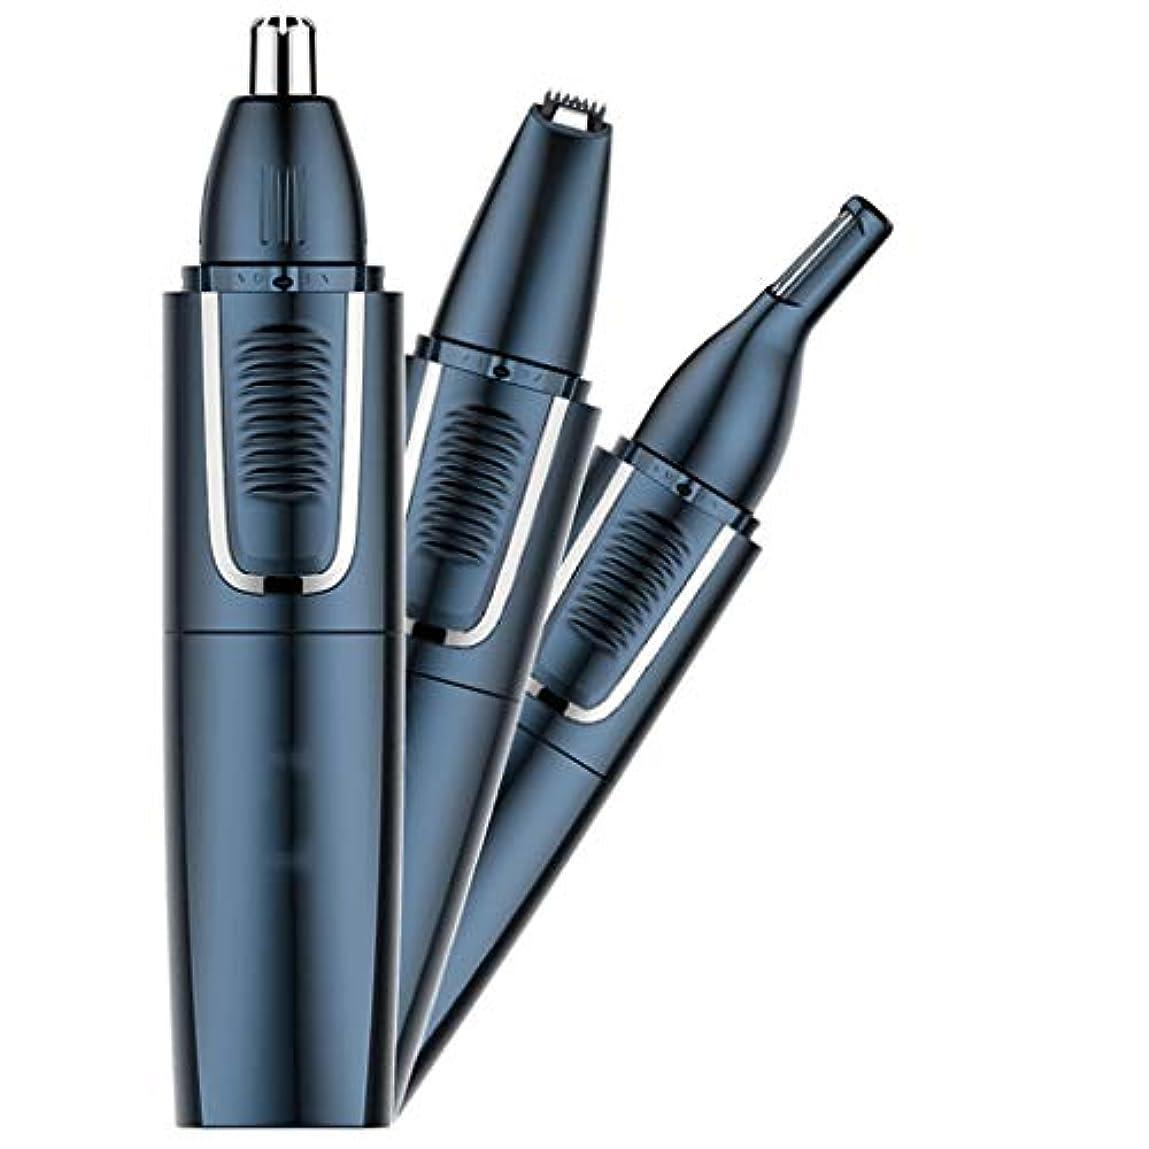 算術カブ人工多機能シェーバー、男性用電気鼻毛、女性用充電式眉毛シェーピングナイフ、あらゆる肌タイプに適しています